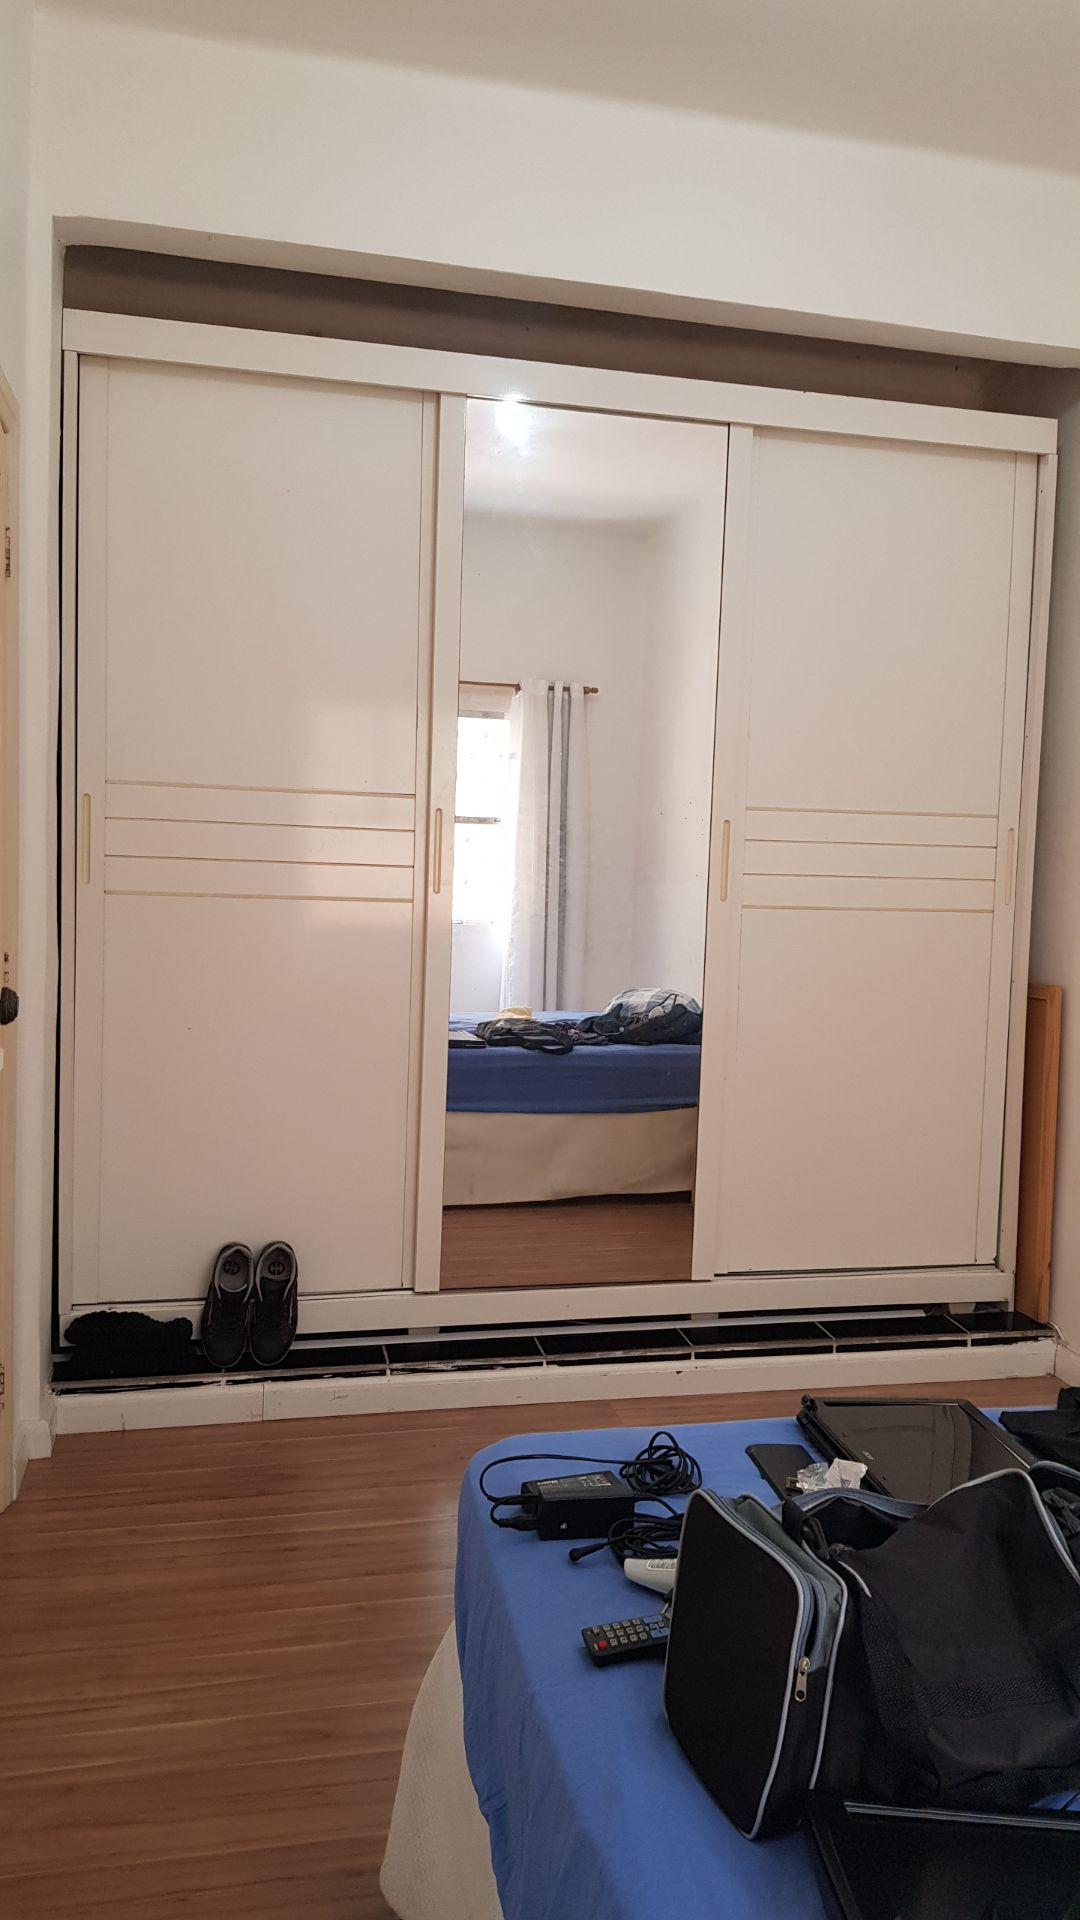 apartamento a venda no Gonzaga em santos térreo de 1 dormitório e garagem. - foto 4